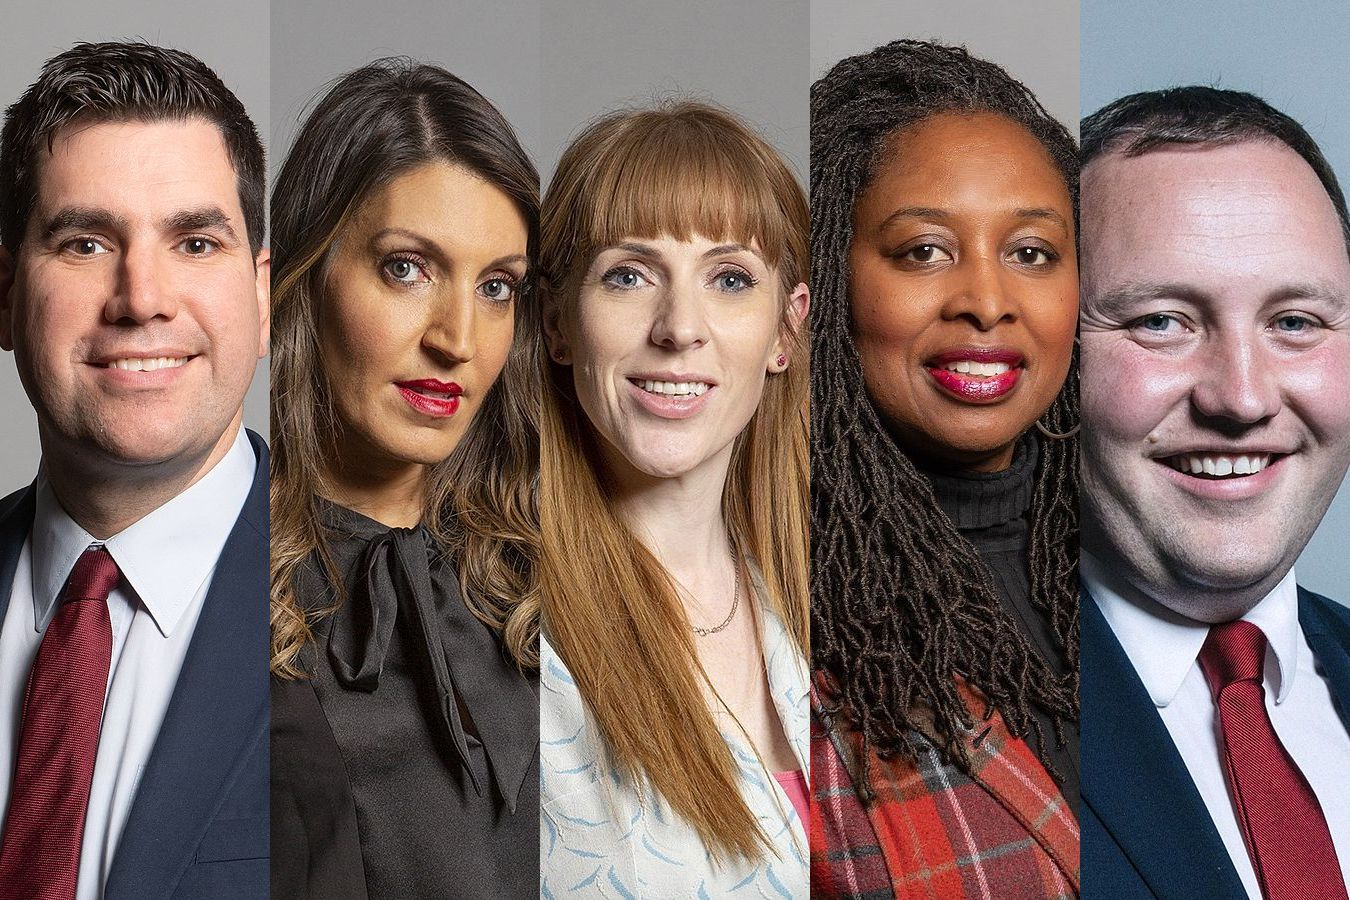 מועמדים לסגנות ראשות מפלגת הלייבור